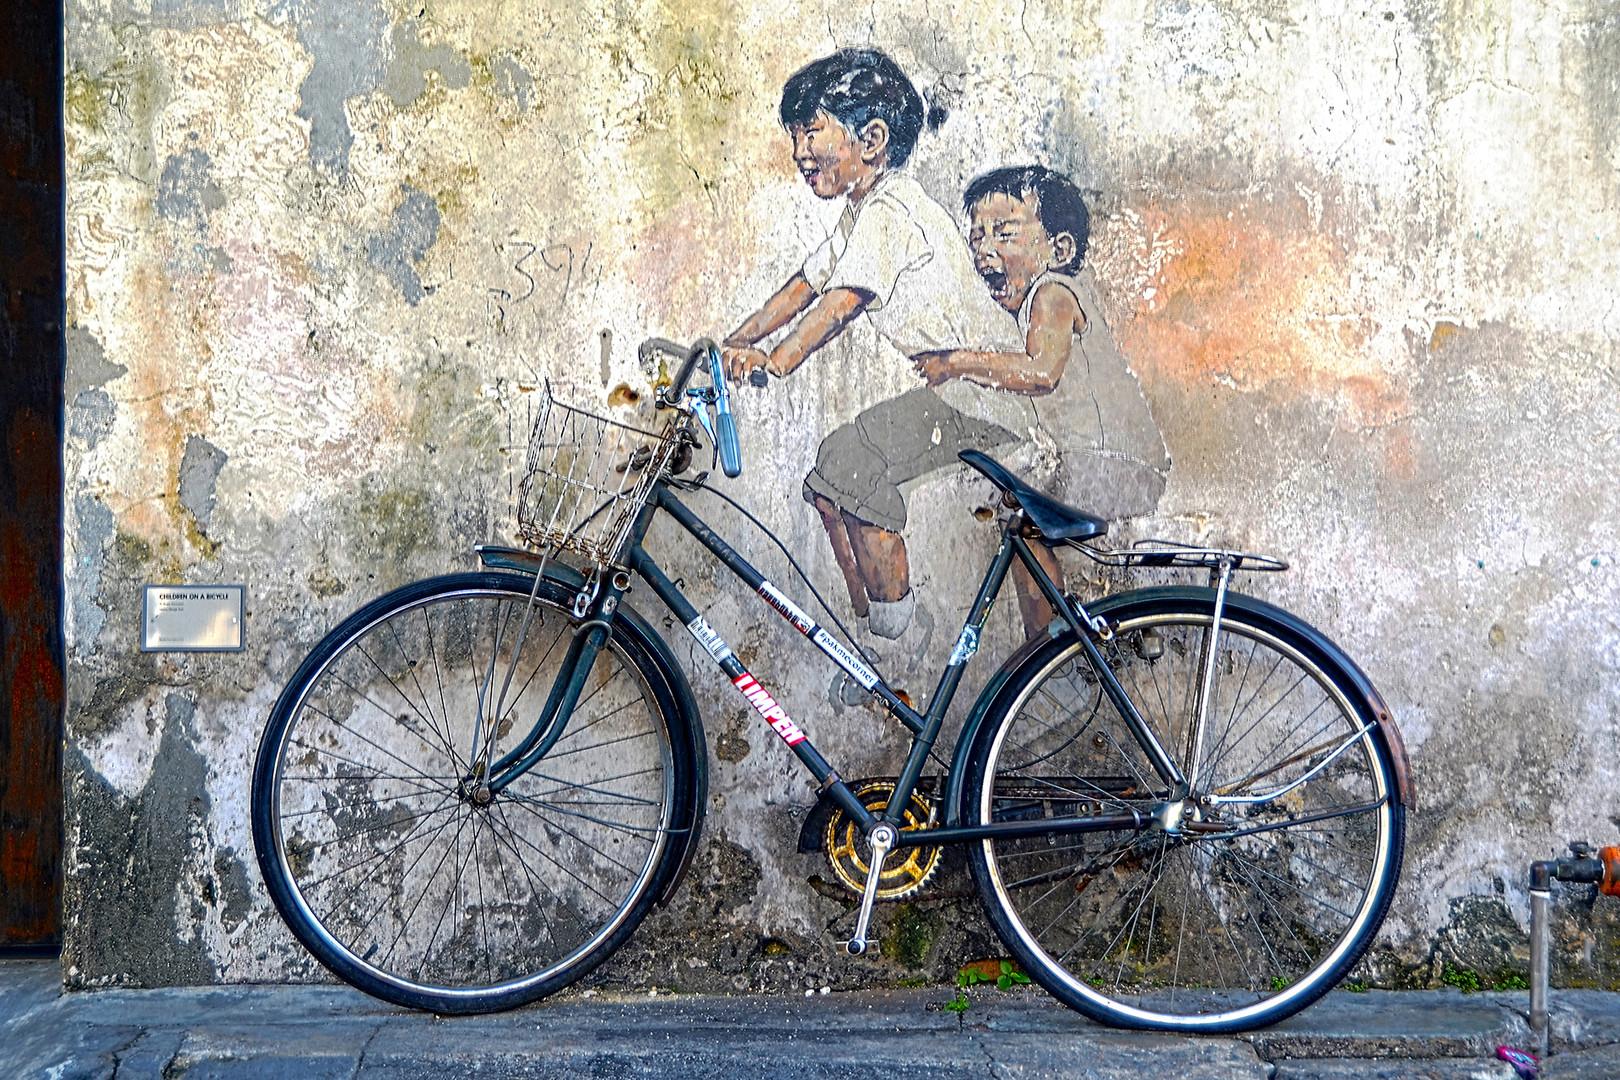 Penang Street Art Kids on Bicycle